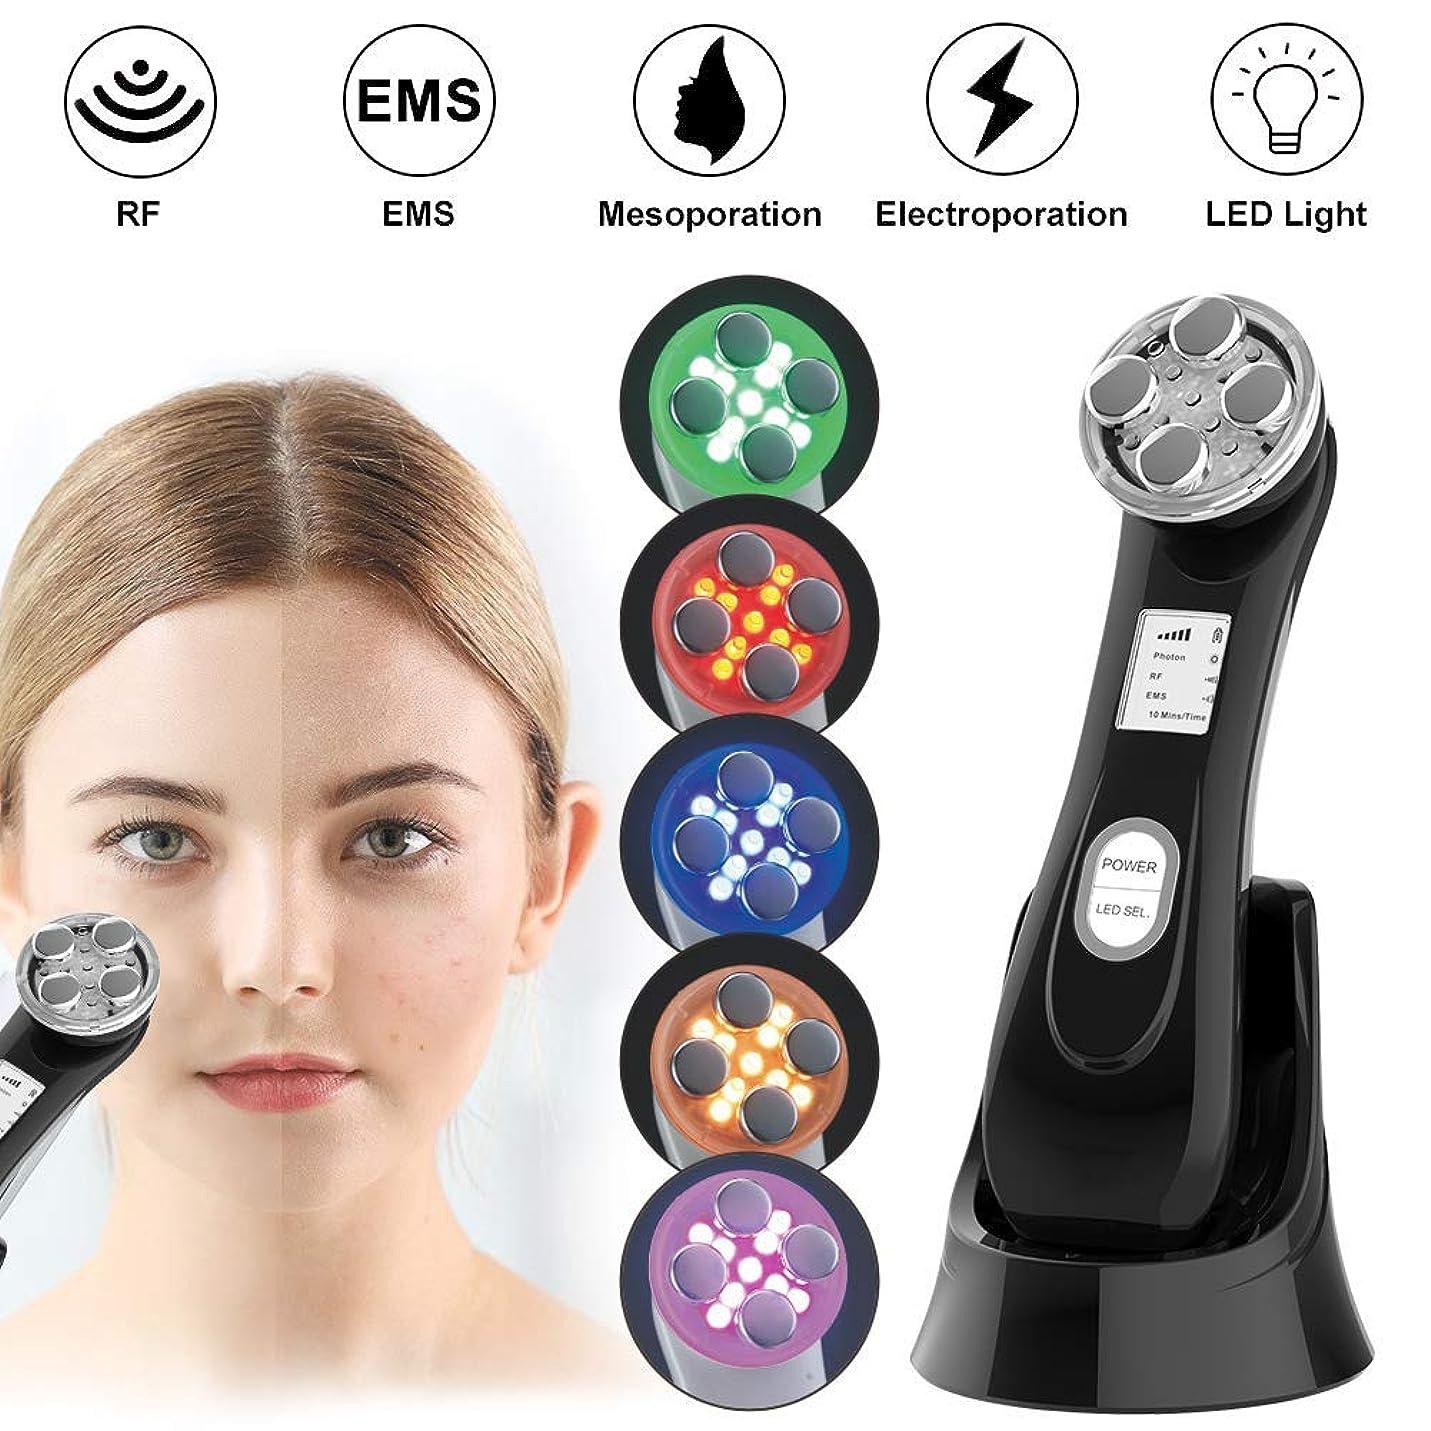 他に選ぶ自体肌の引き締め機、しわ除去機、6 in 1 RF美容アンチエイジングアンチニキビフェイシャルリフティング美容機高周波USB充電式EMS超音波LEDフェイシャルフォトンフェイススキンケア